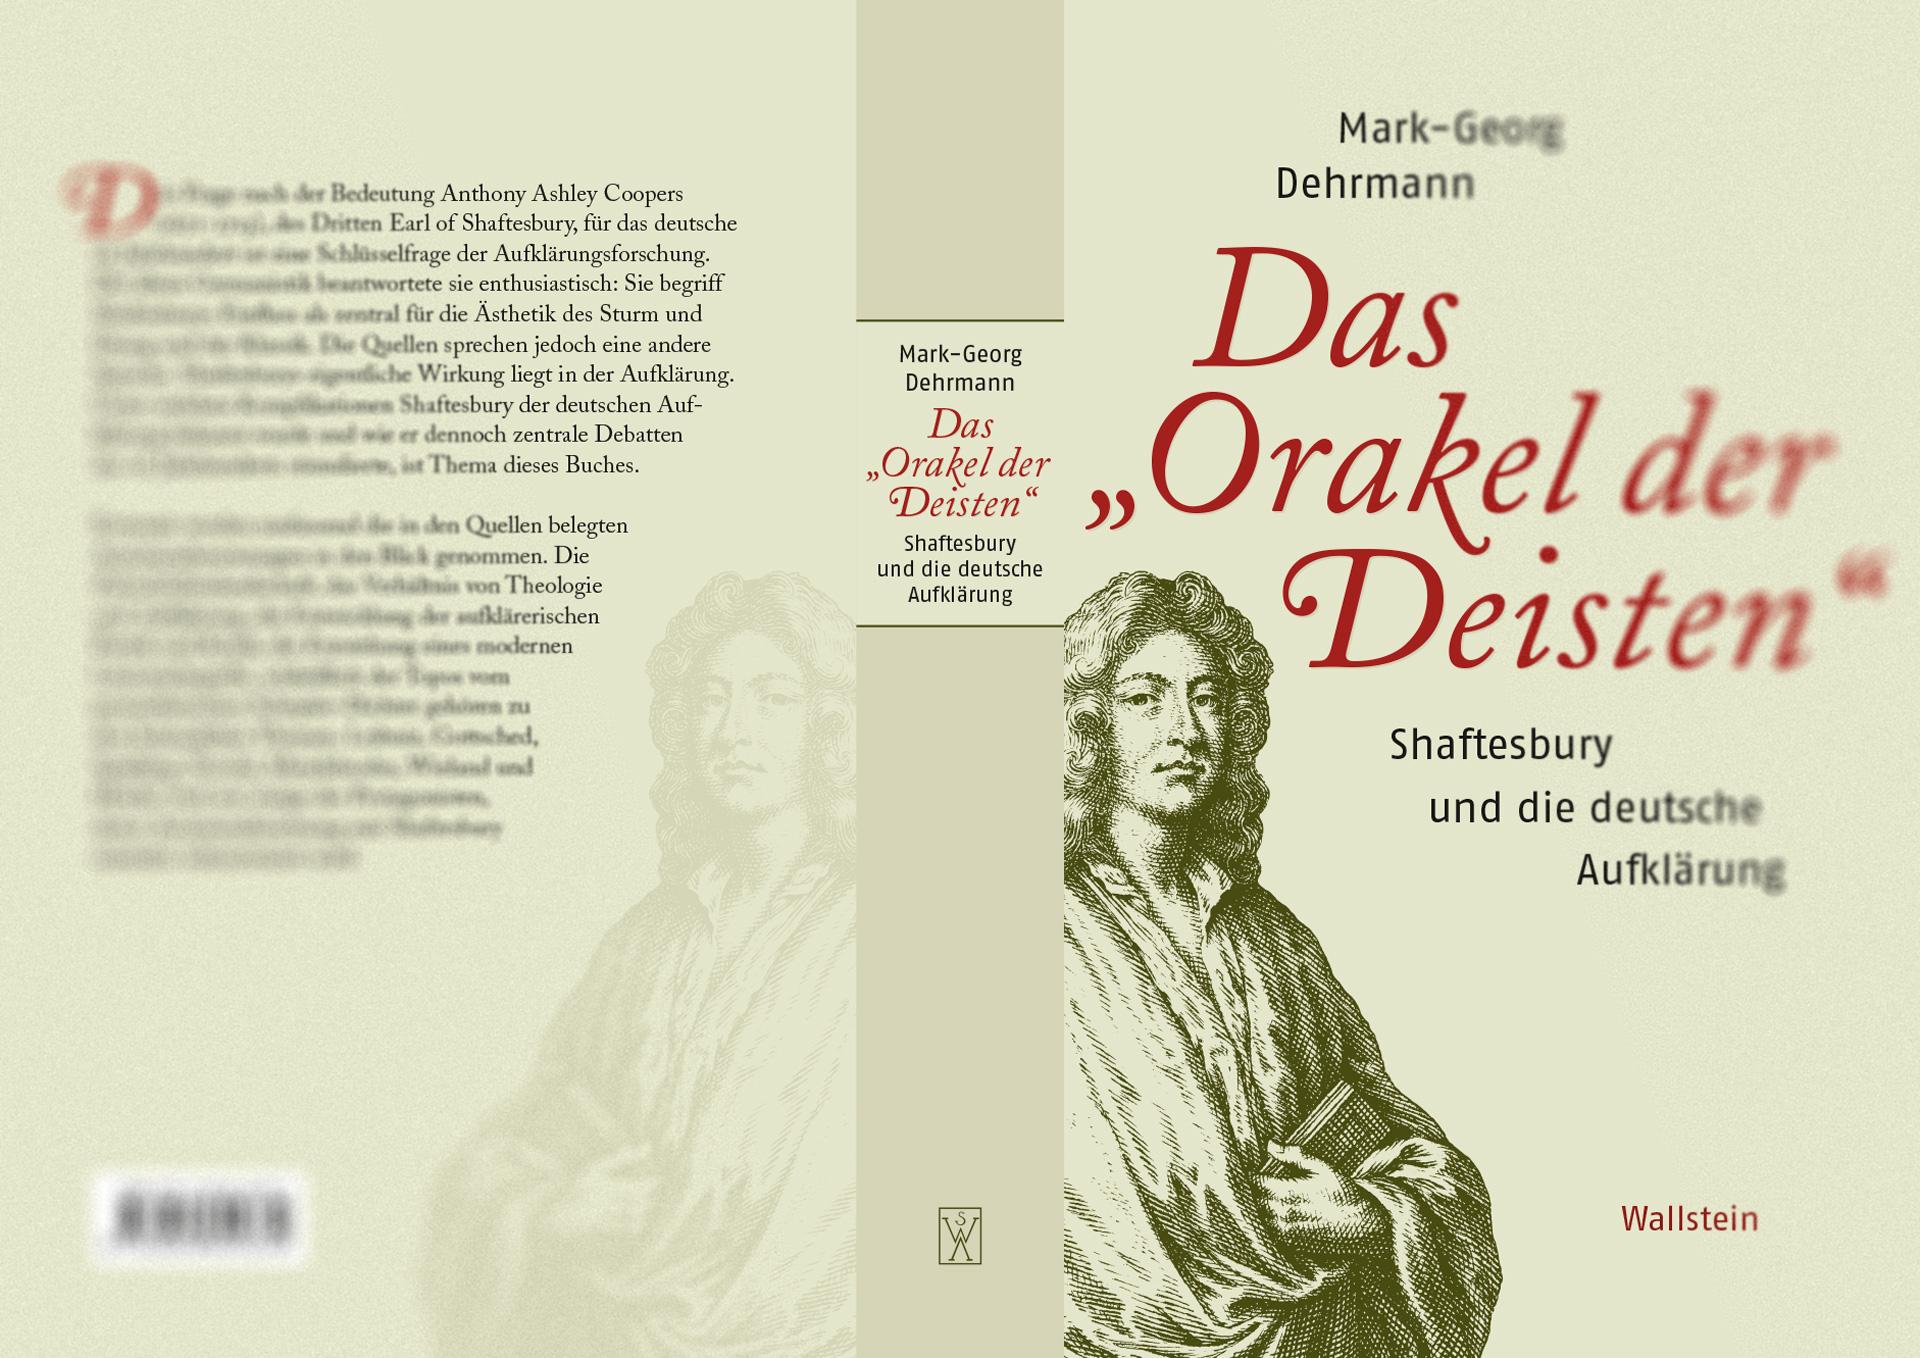 Mark-Georg Dehrmann - »Das ›Orakel der Deisten‹«, Umschlaggestaltung